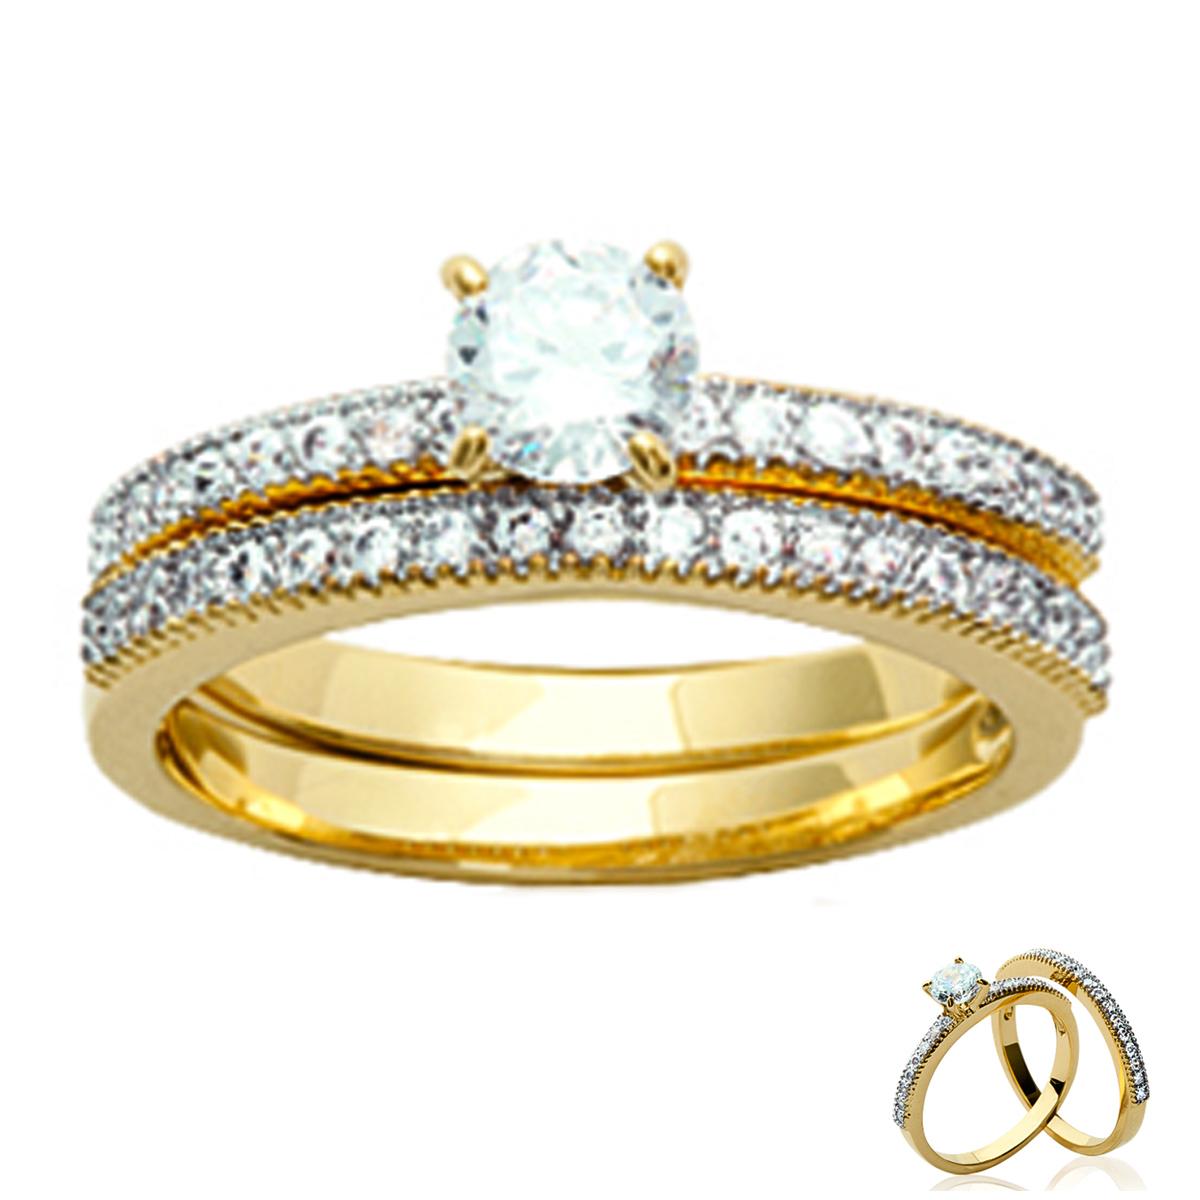 Bague plaqué or \'Pour la Vie\' blanc doré - alliance 2 mm, solitaire 6 mm - [L0724]